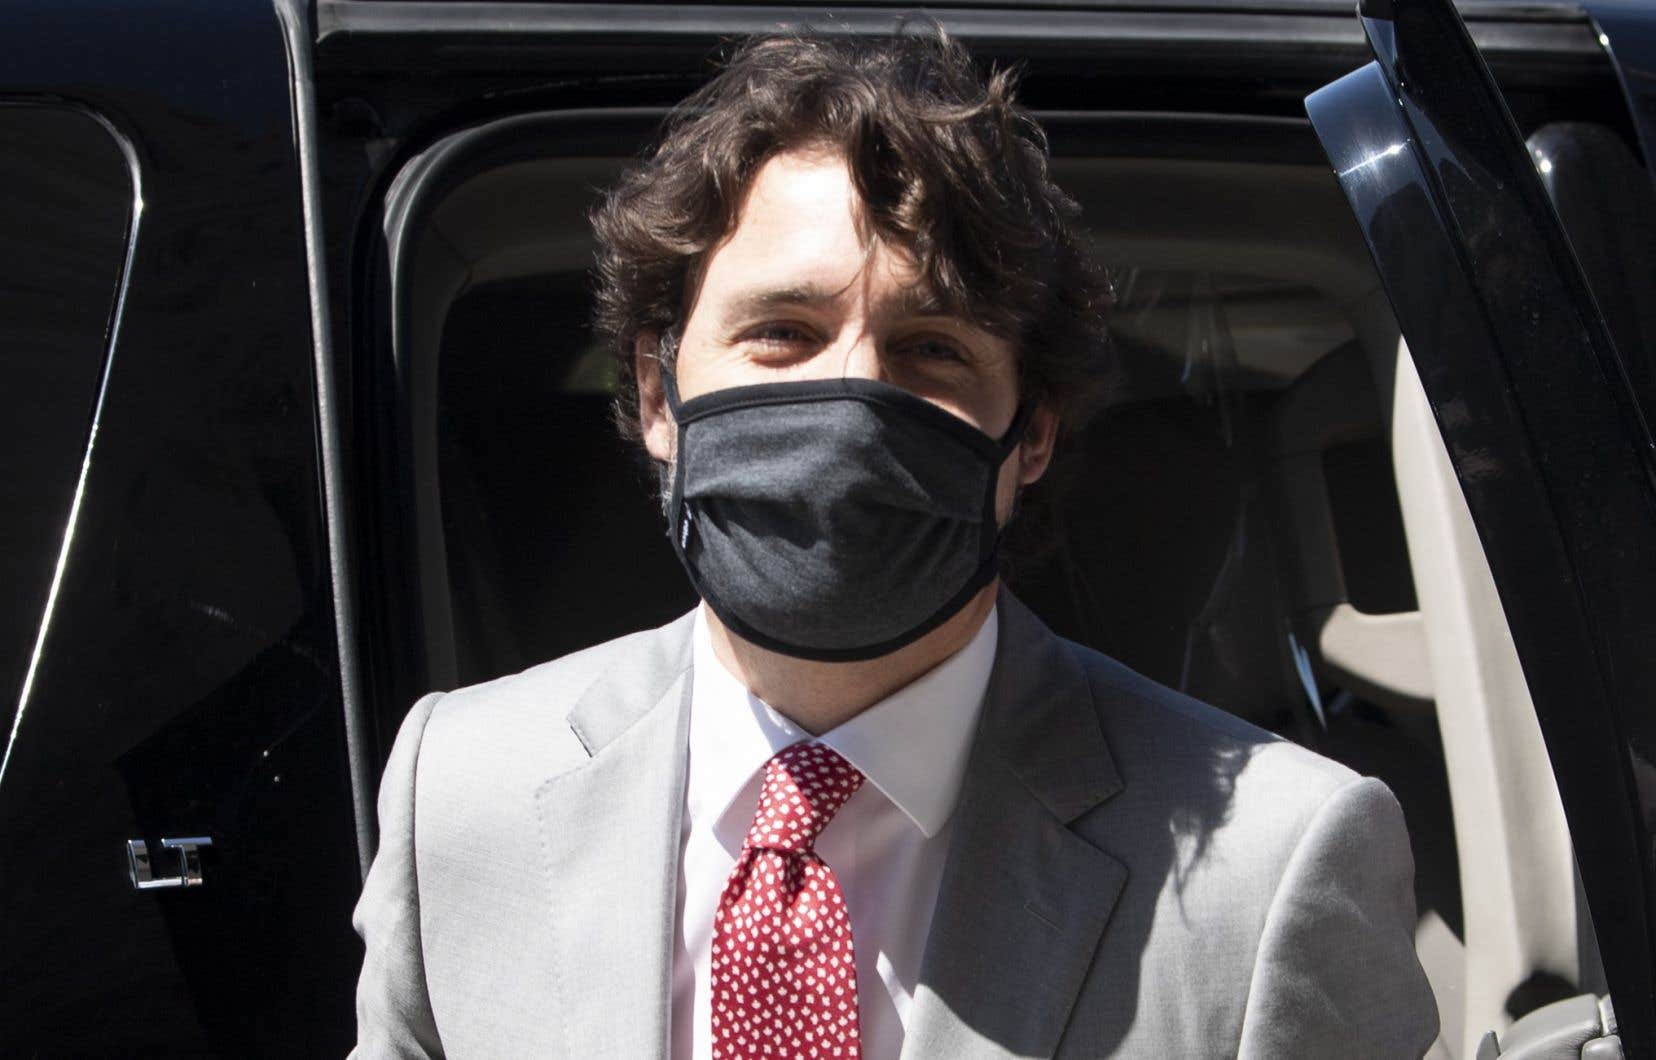 Justin Trudeau s'est présenté au Parlement avec un masque mercredi, en prenant acte de la nouvelle directive de santé publique fédérale qui recommande désormais, à l'instar de Québec, le port du masque non médical lorsque la distanciation physique est impossible.